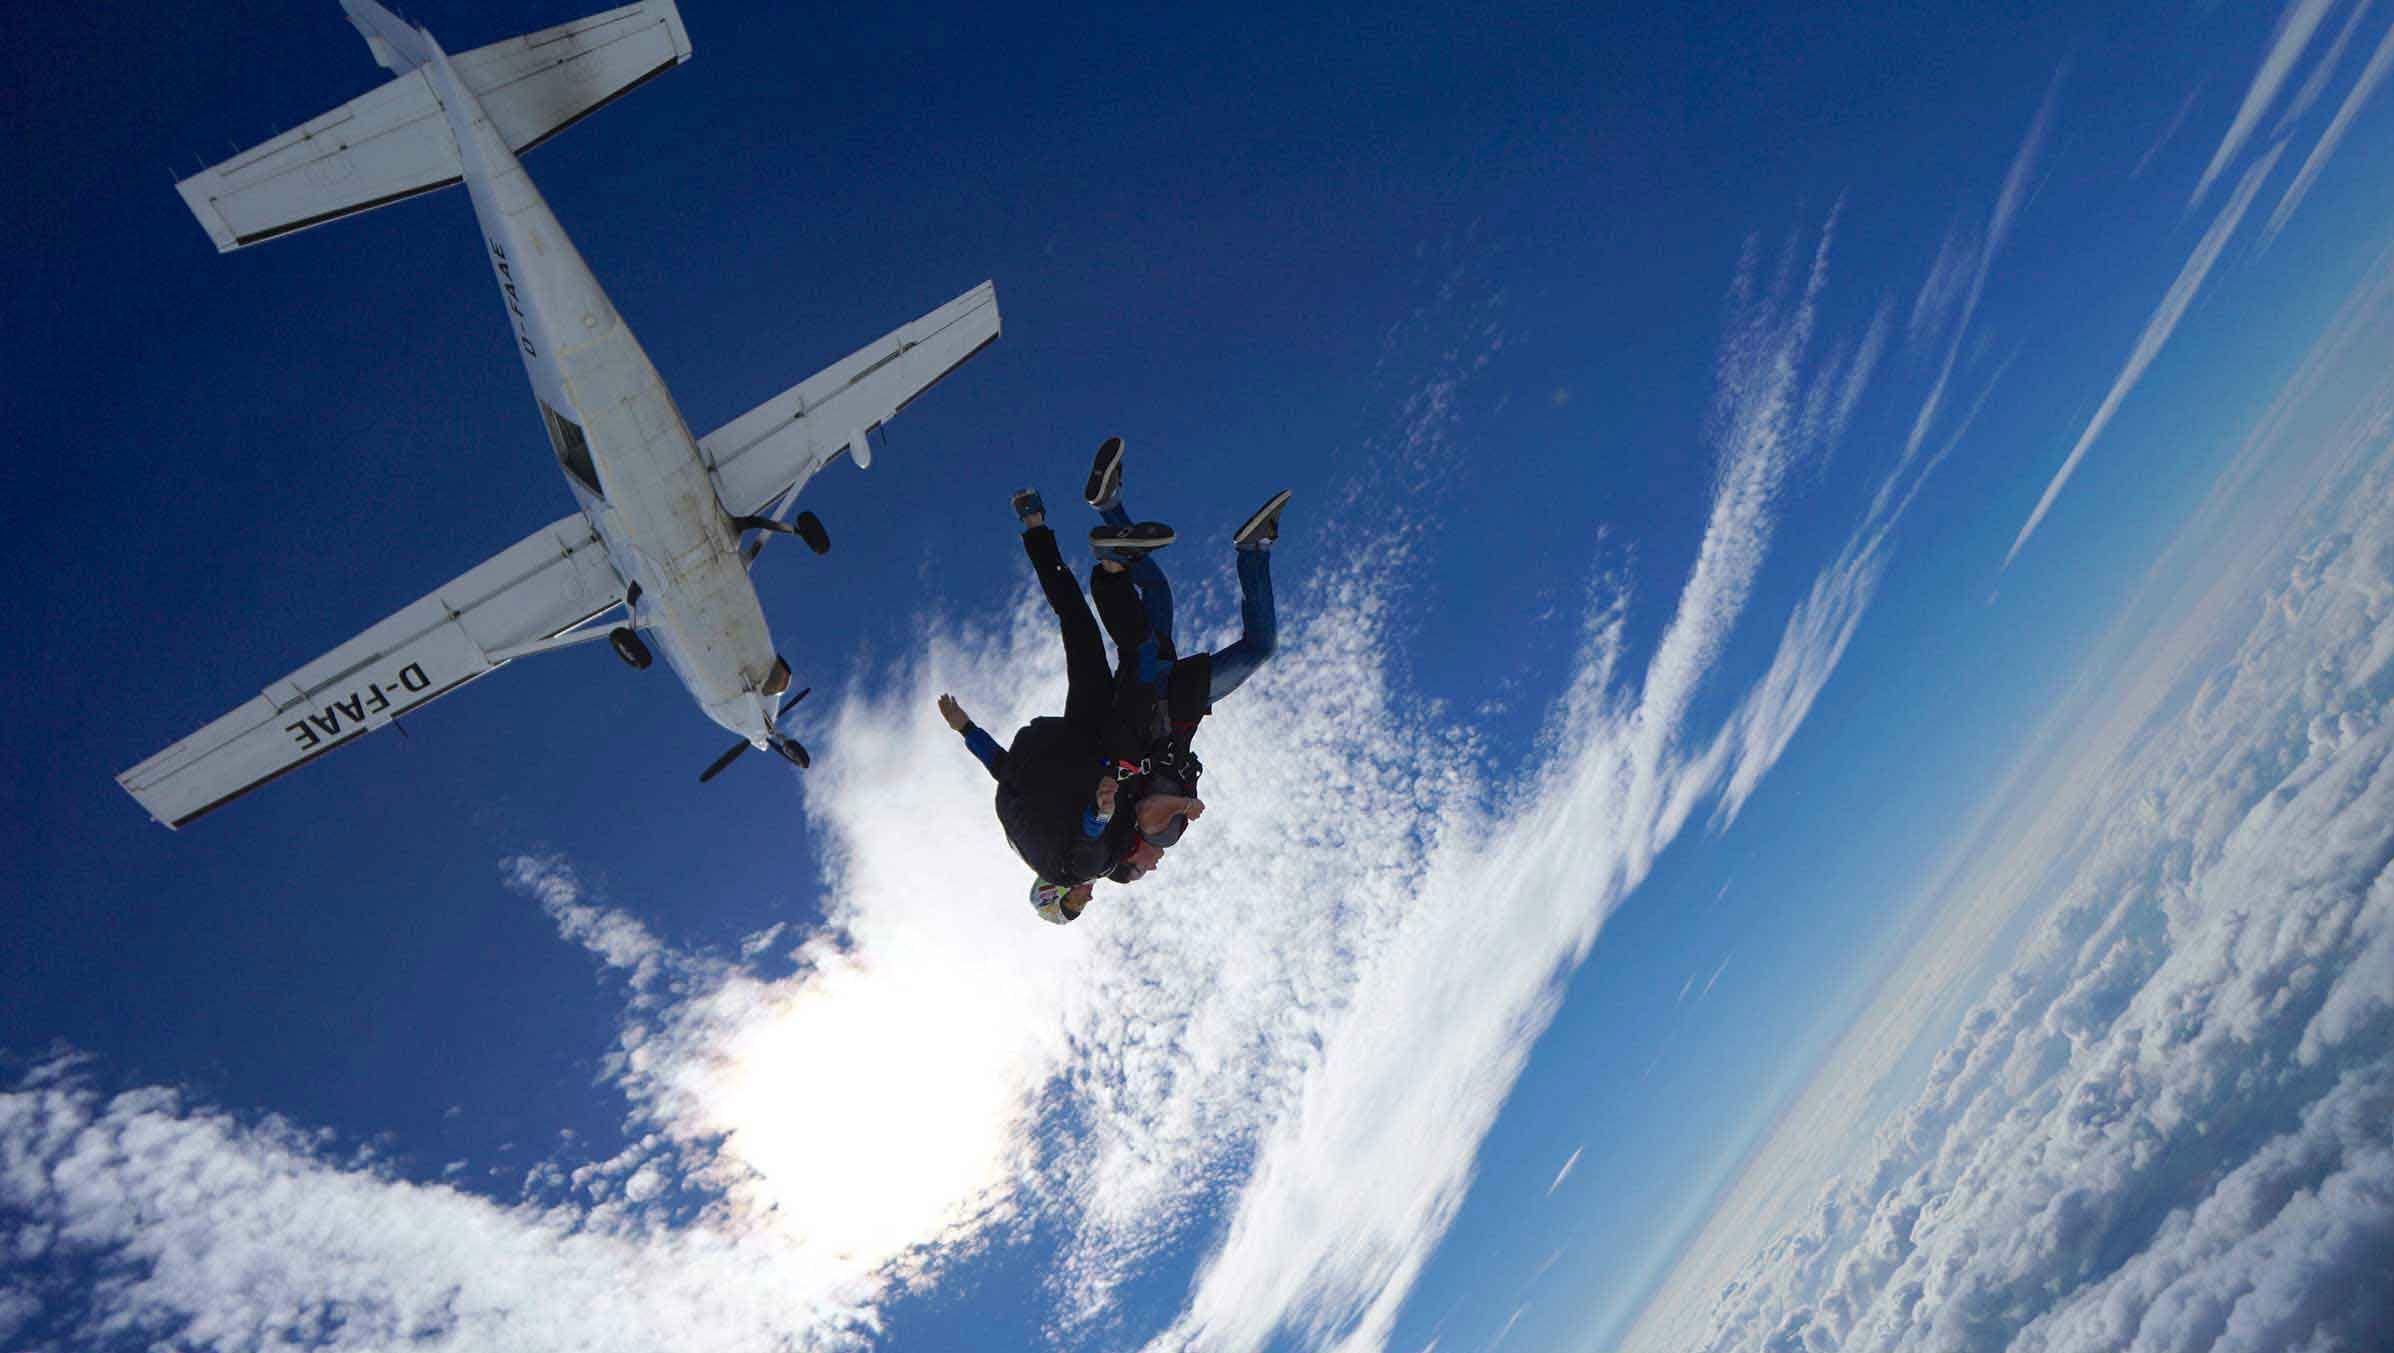 Tandem Skydive from 4000m - Péronne - North of Paris by Saut En Parachute  Paris